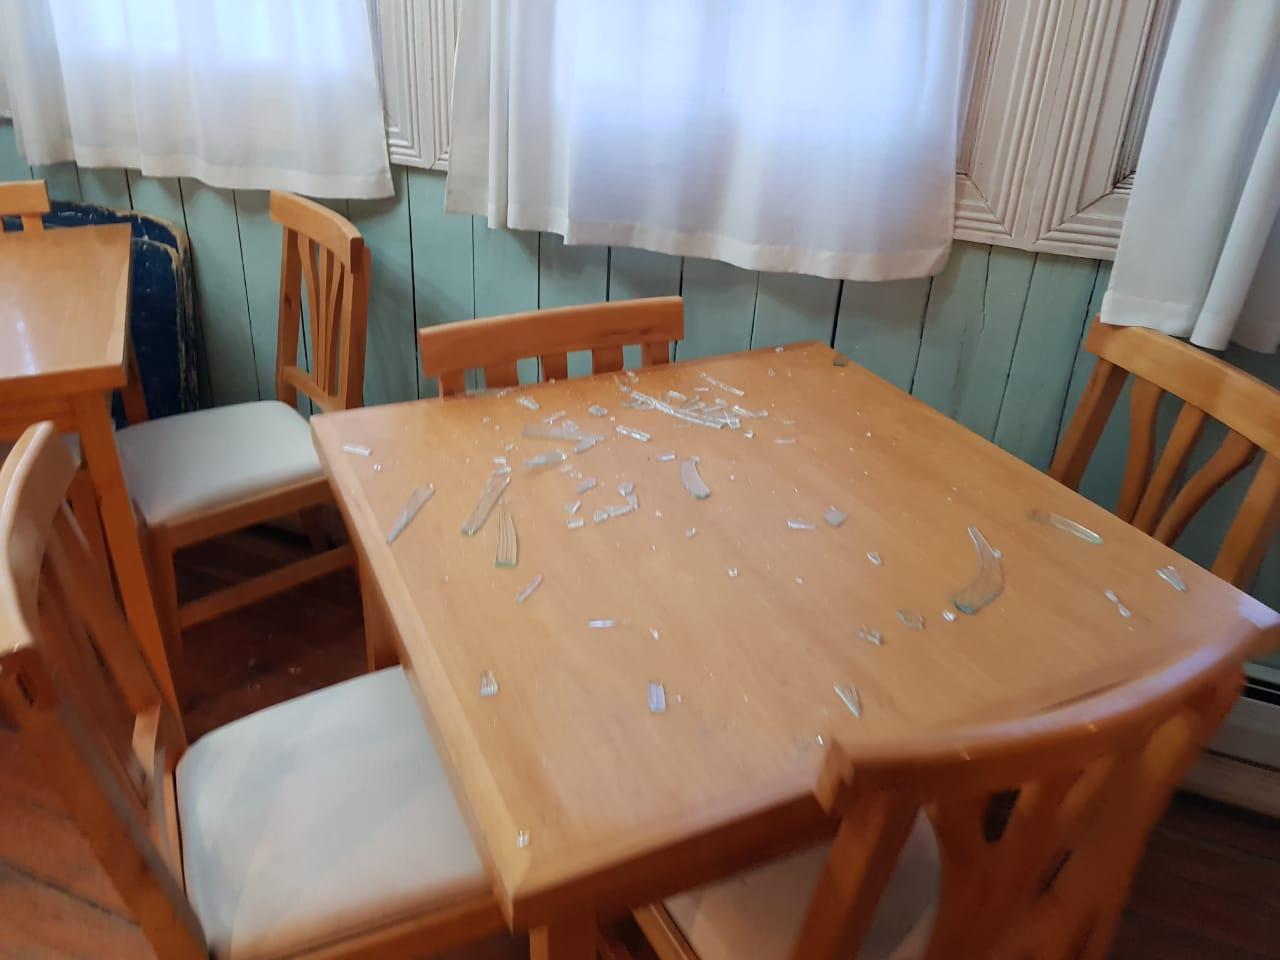 vidrios rotos en la beban